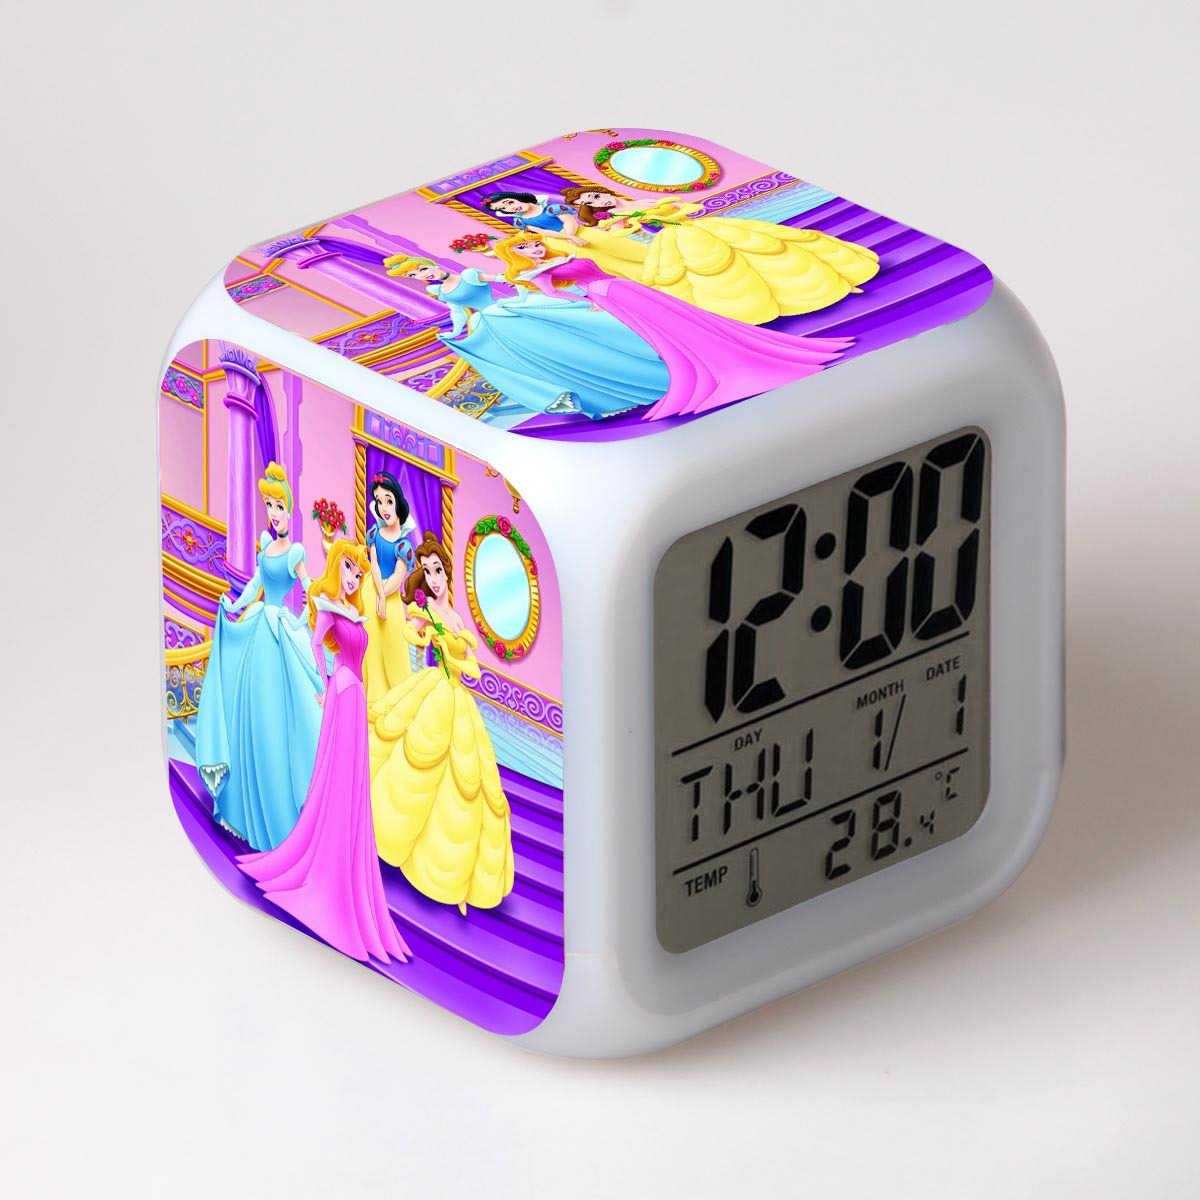 Principessa Biancaneve E I Sette Nani Pvc Modello Giocattolo Bambola Della Principessa Sveglia Con LED Flash di Luce Giocattolo Per i bambini Regalo Di Compleanno